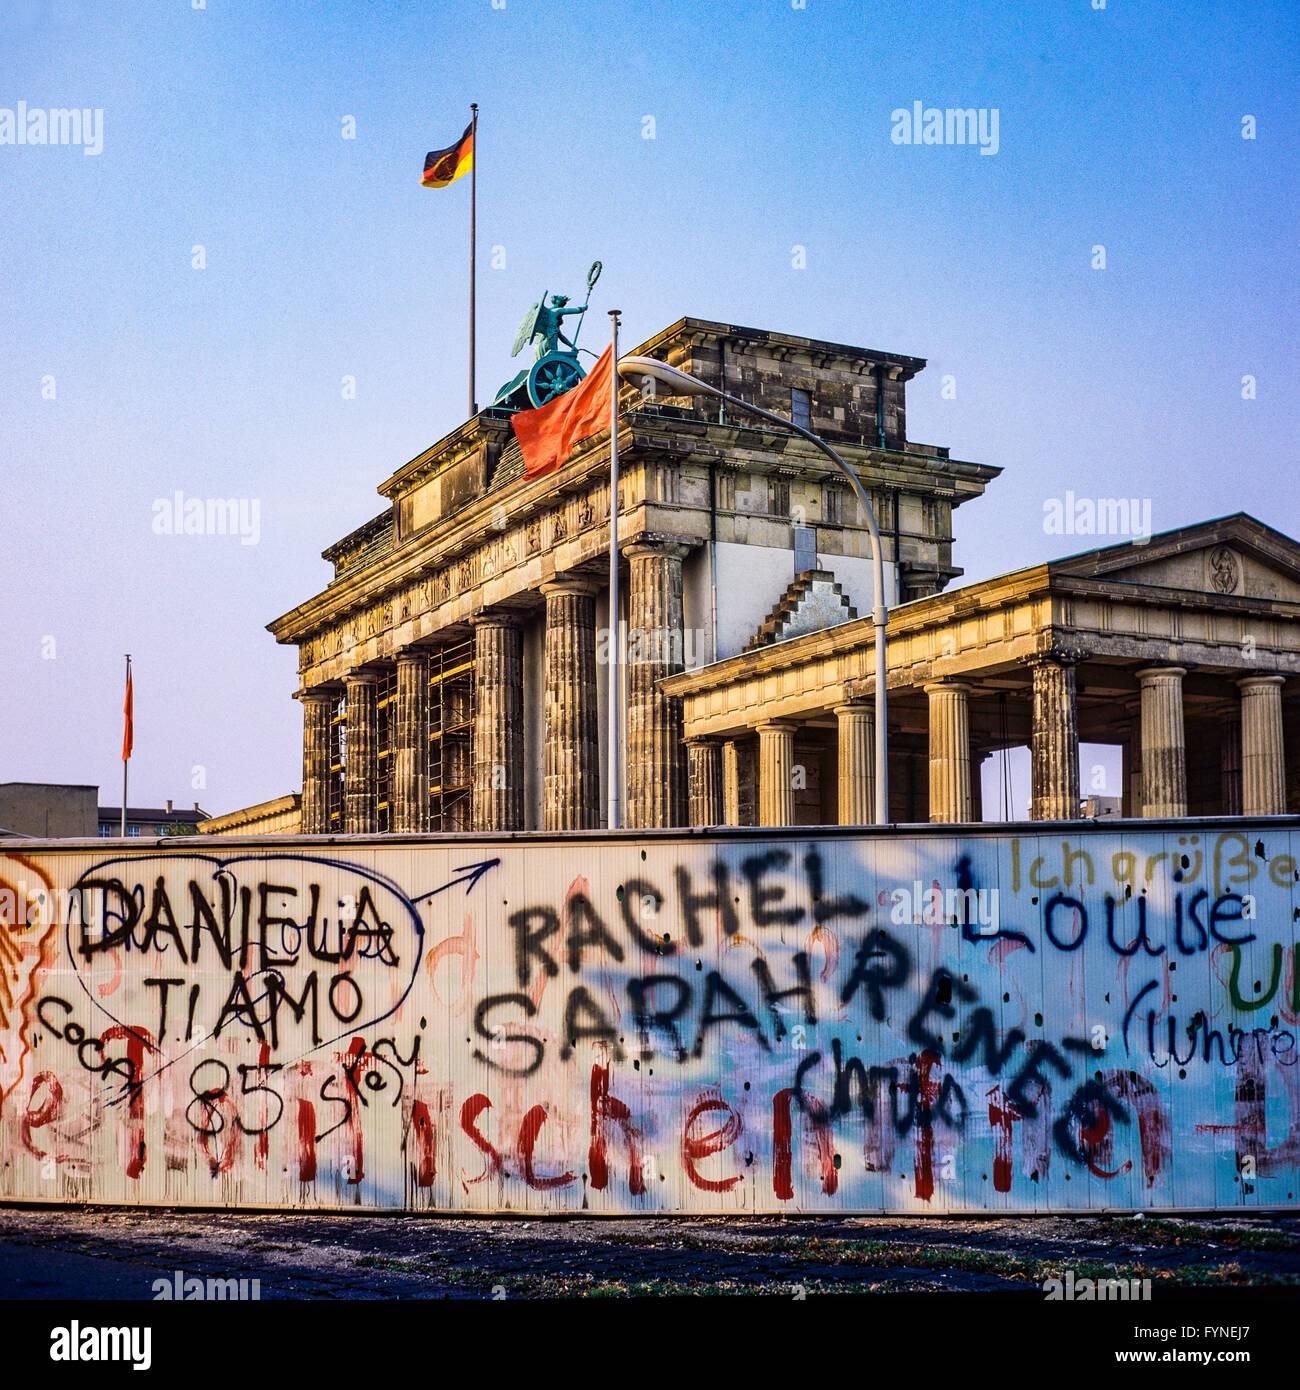 Agosto 1986, graffitis en el muro de Berlín y la Puerta de Brandenburgo en Berlín Oriental, Berlín Imagen De Stock